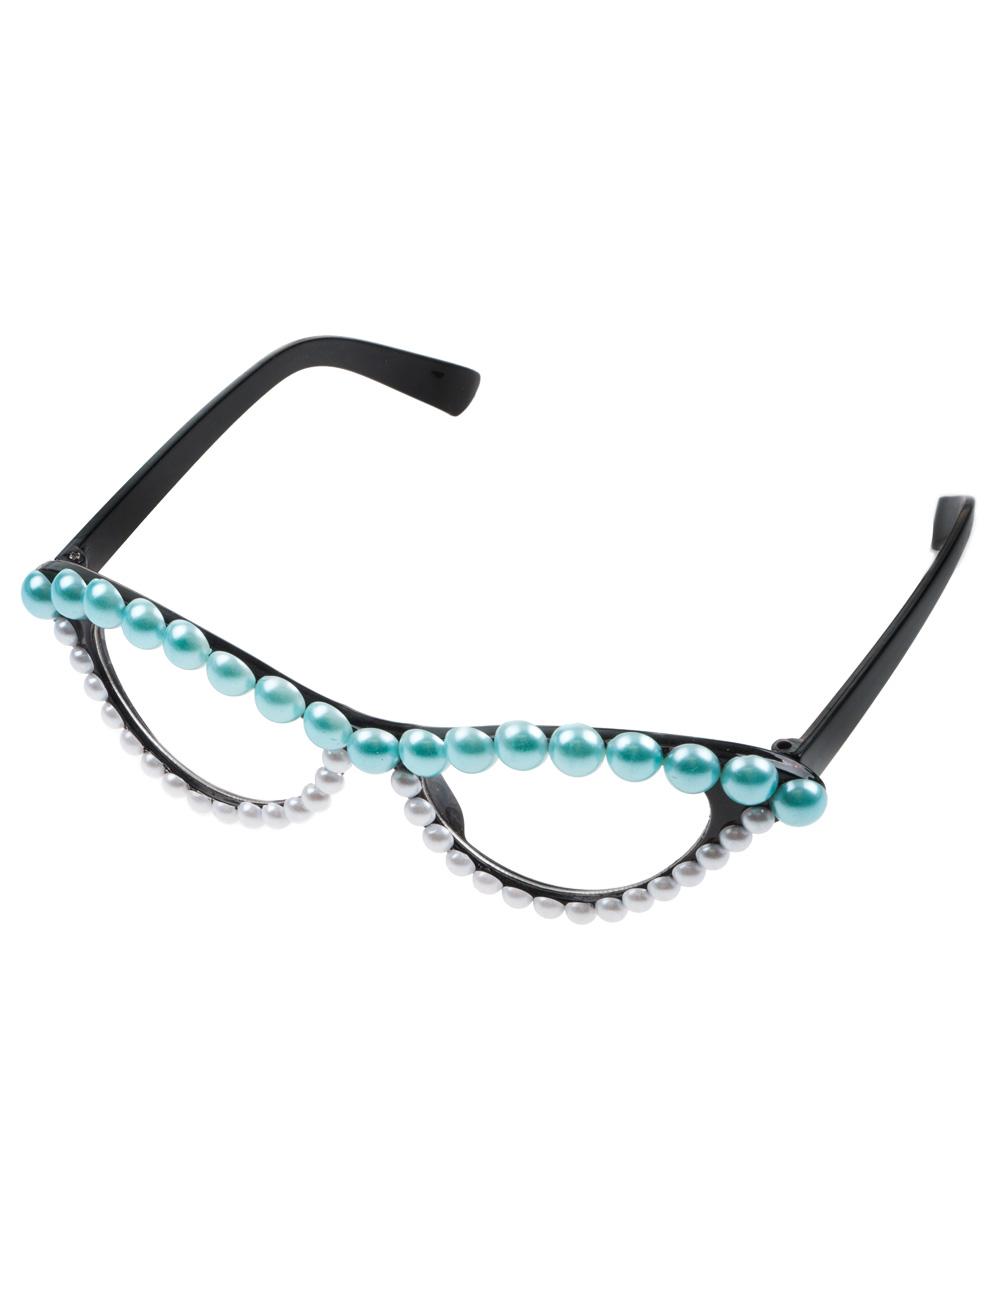 Kostuemzubehor Brille mit Perlen tuerkis/weiss